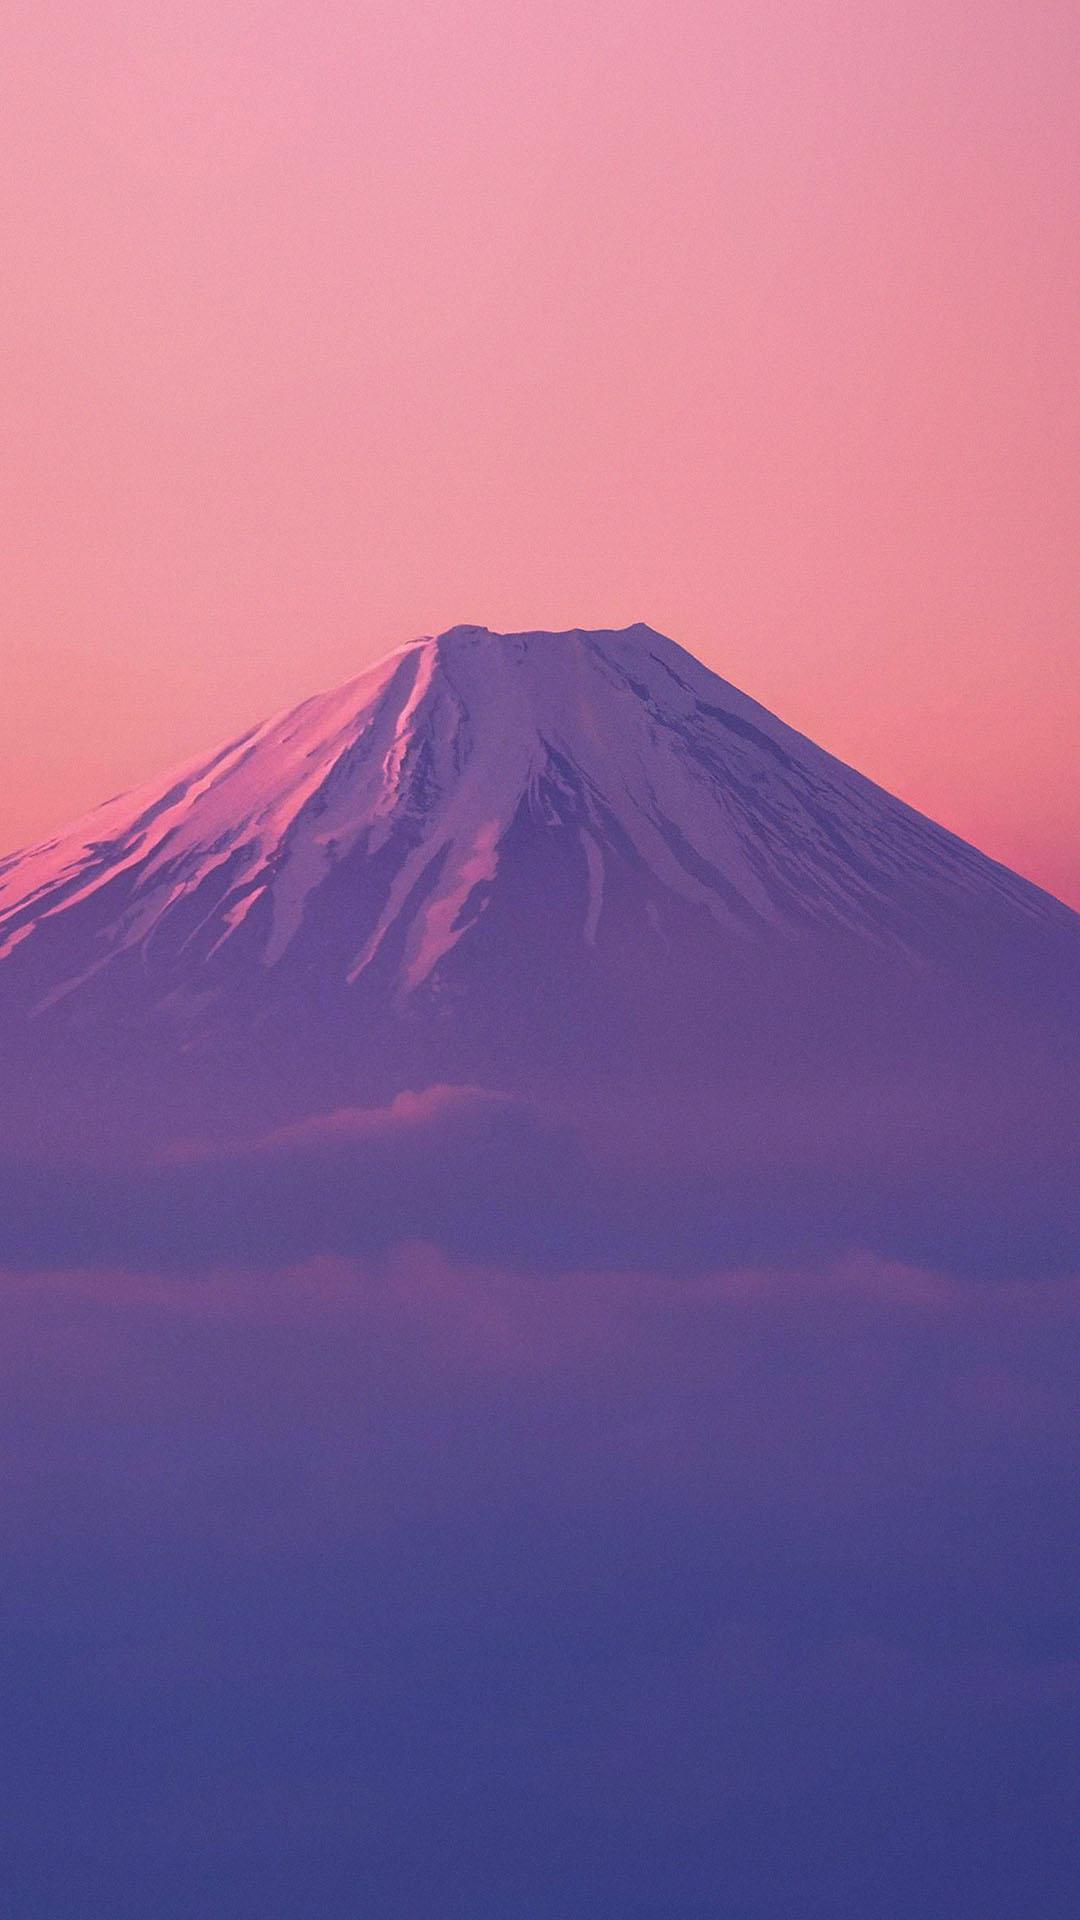 Fondo de pantalla con el Monte Fuji